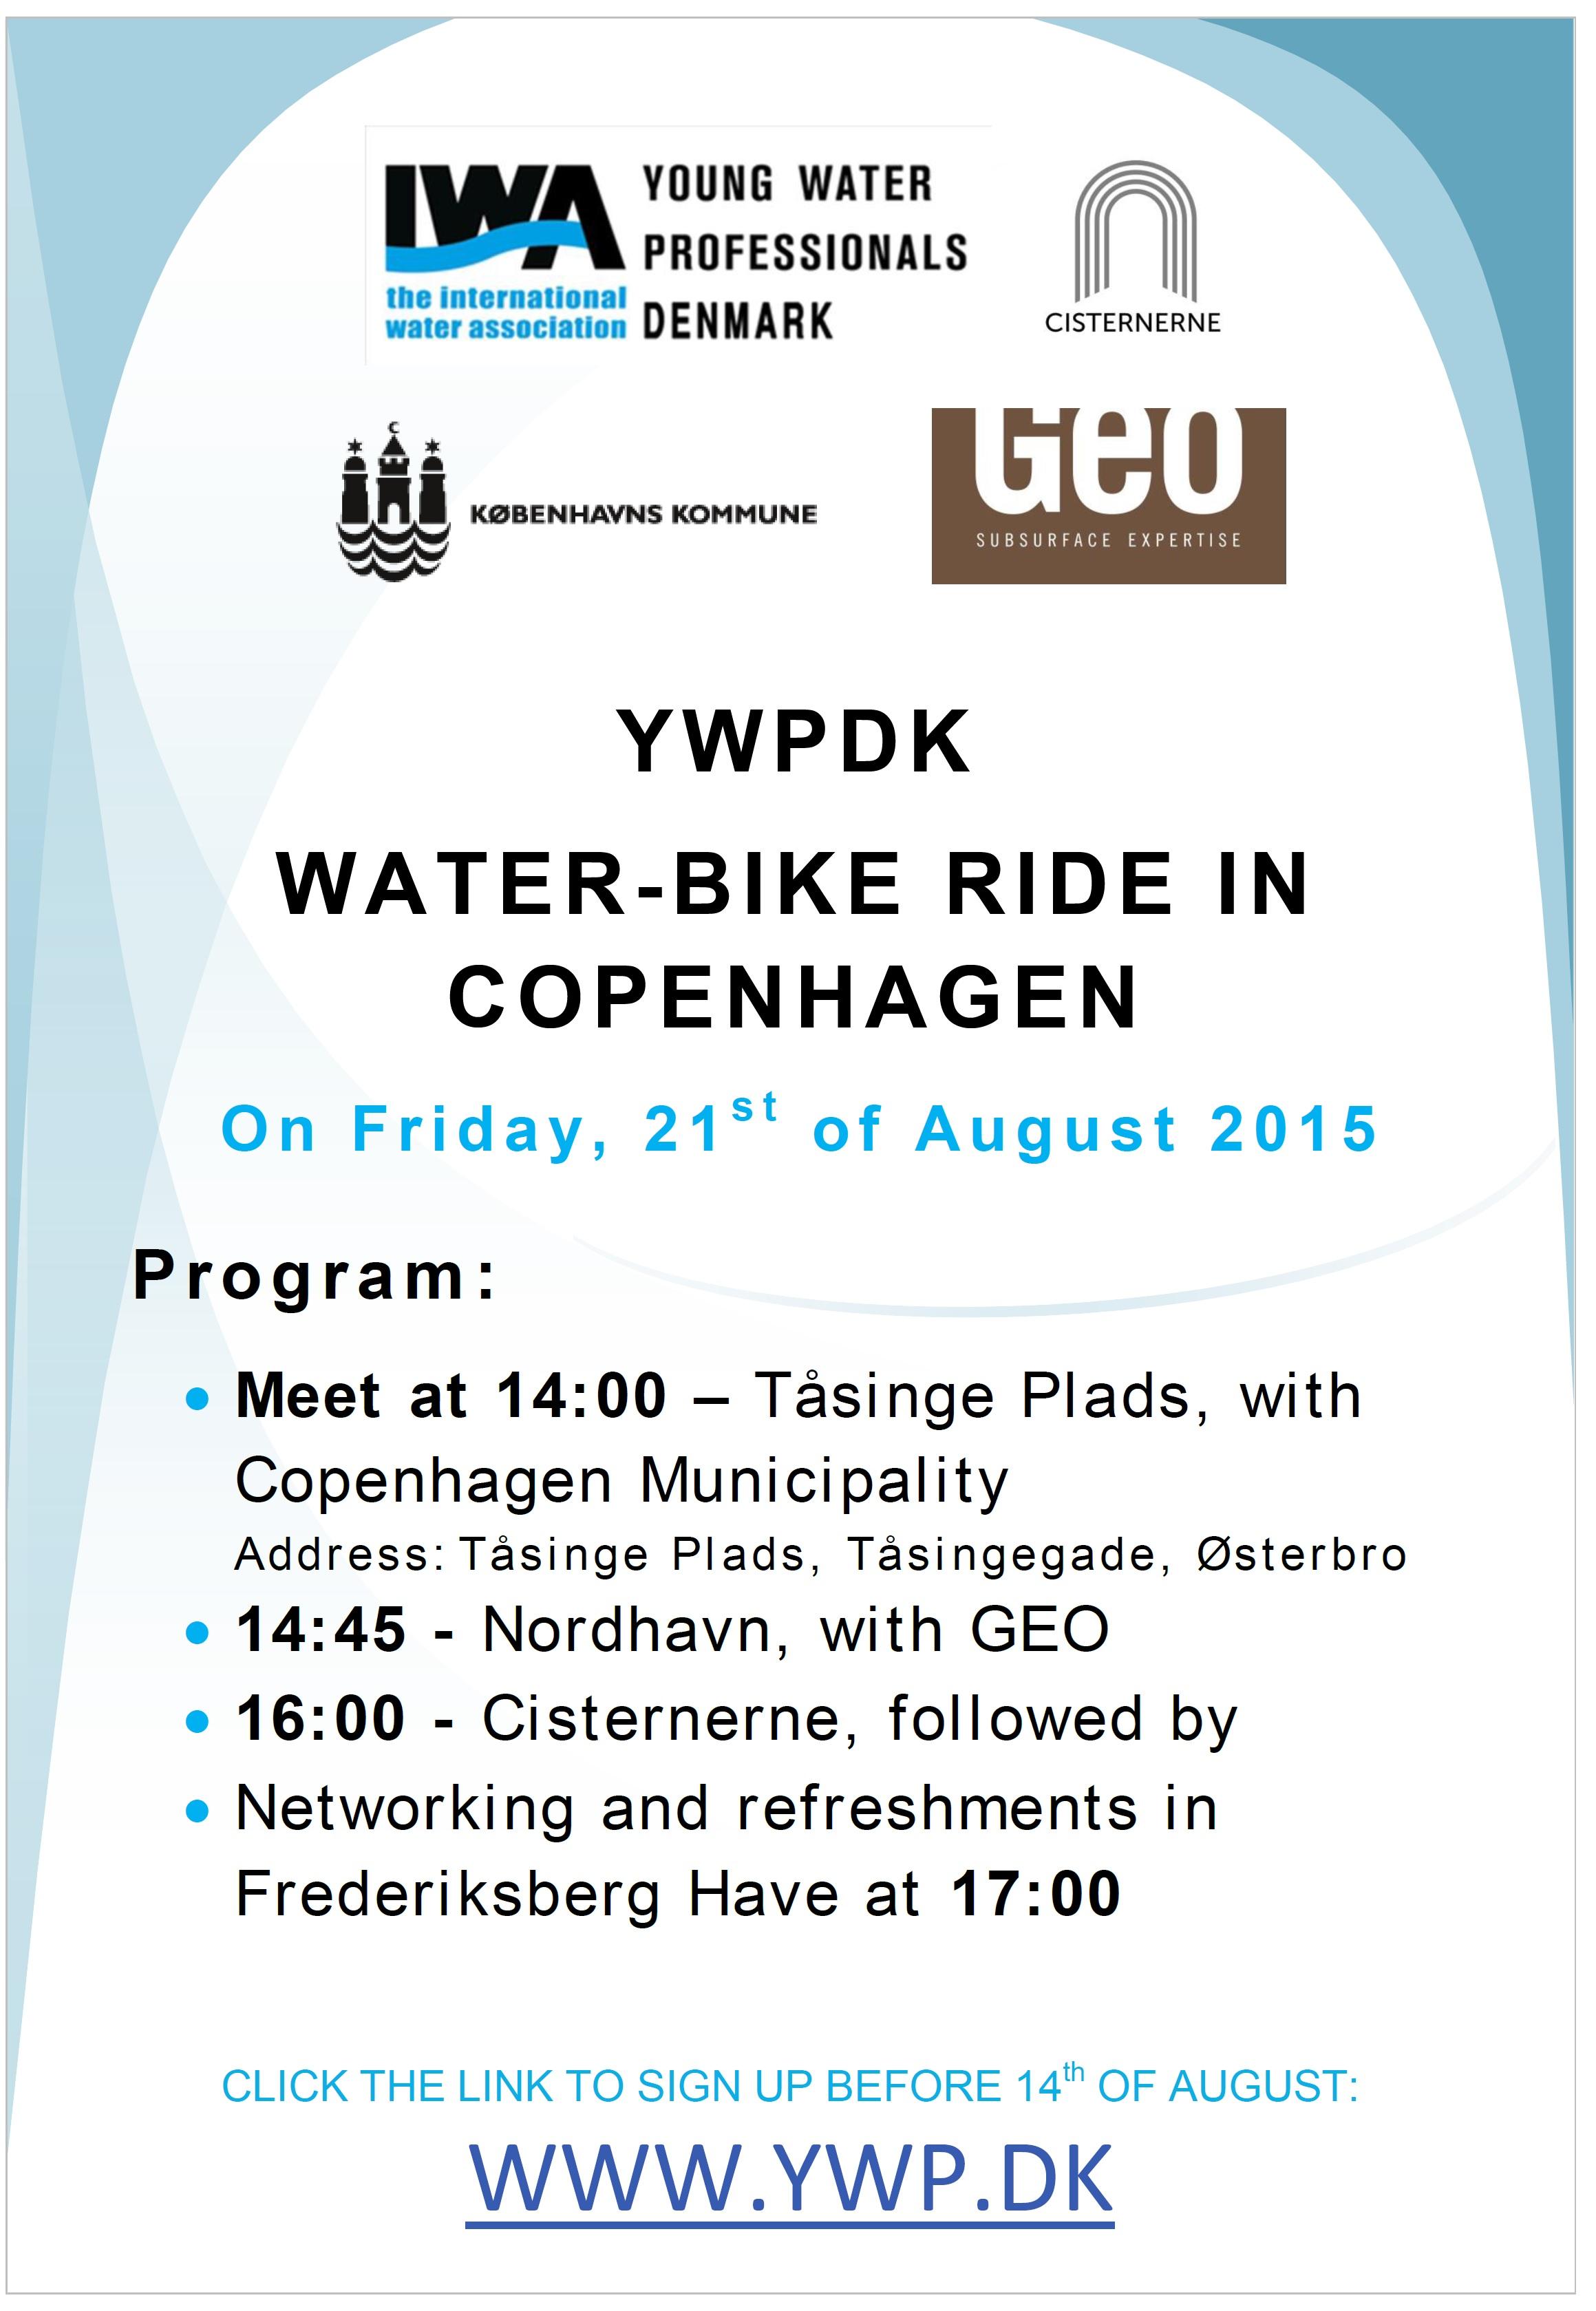 YWPDK_bike_ride_2015_CPH